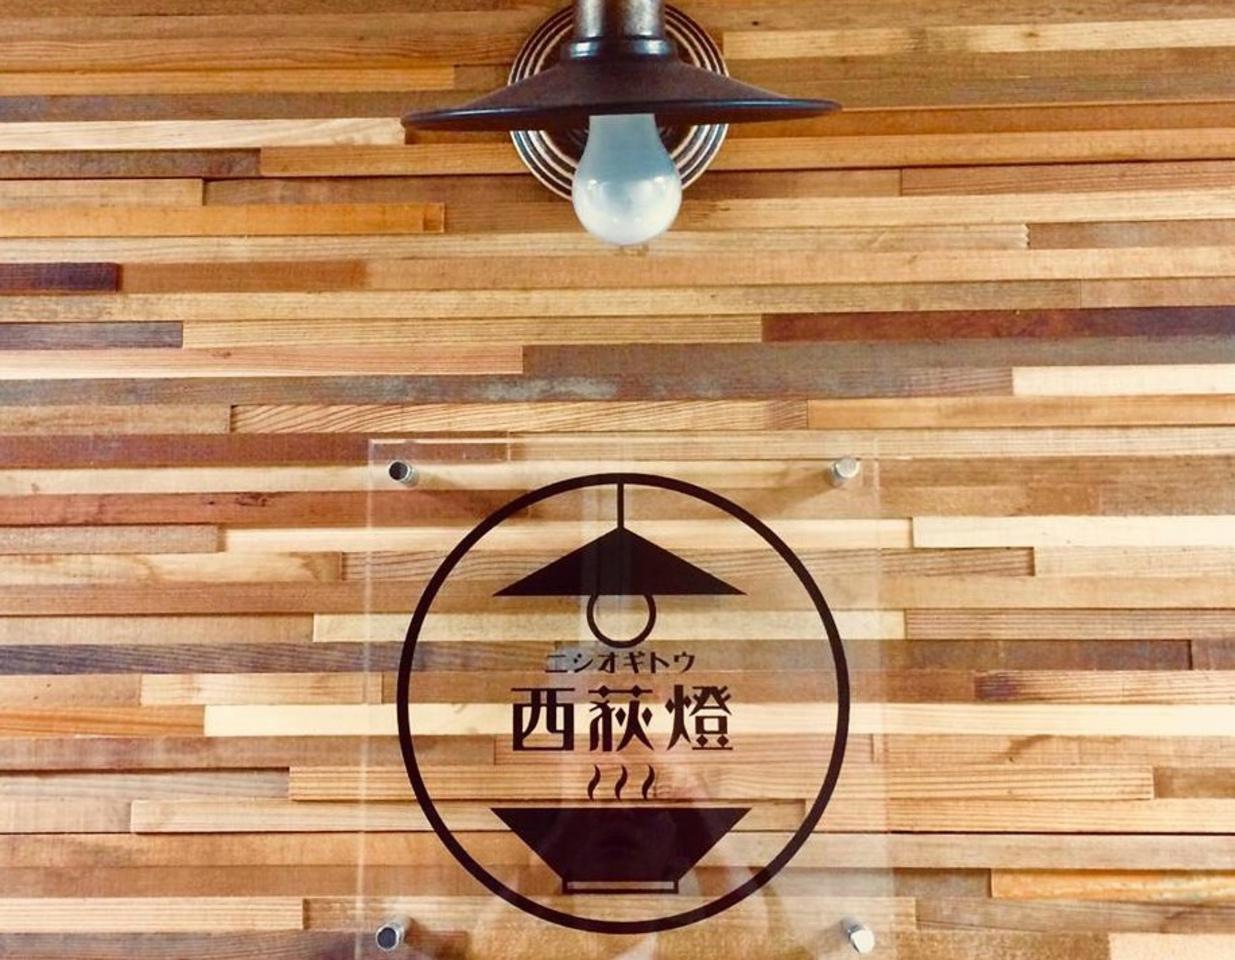 杉並区の西荻窪駅近くに「西荻燈(ニシオギトウ)」が昨日オープンされたようです。